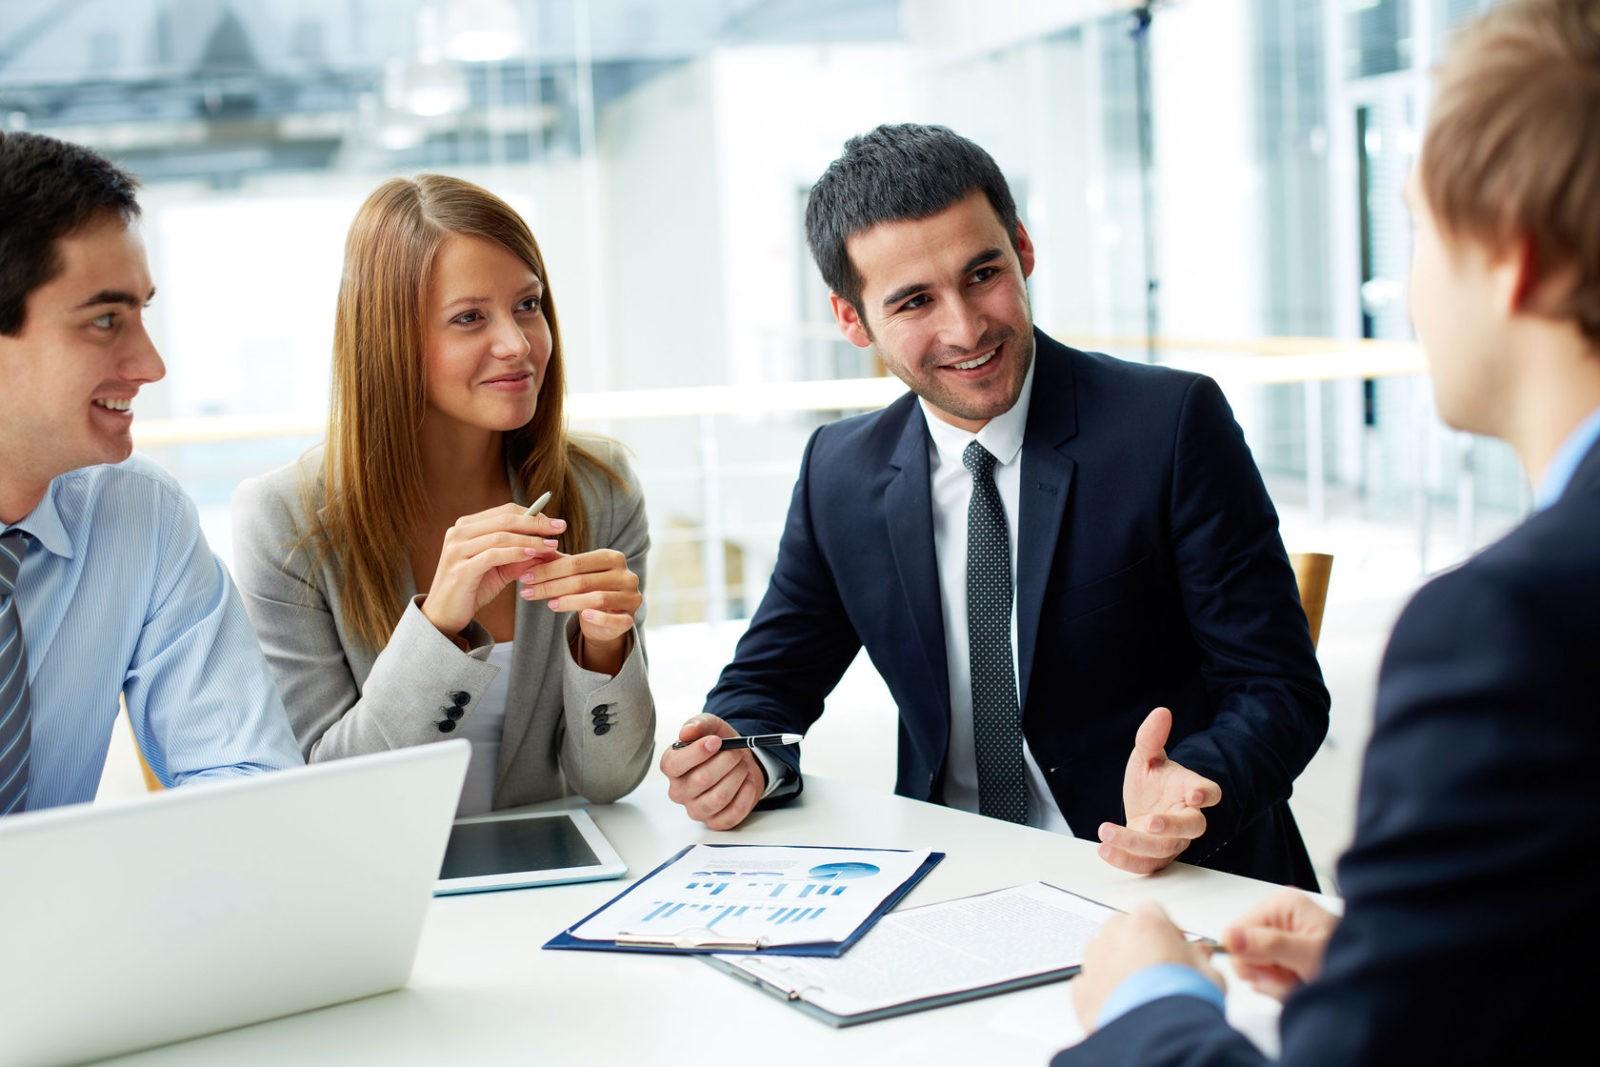 Как проверить своего бухгалтера на компетентность?